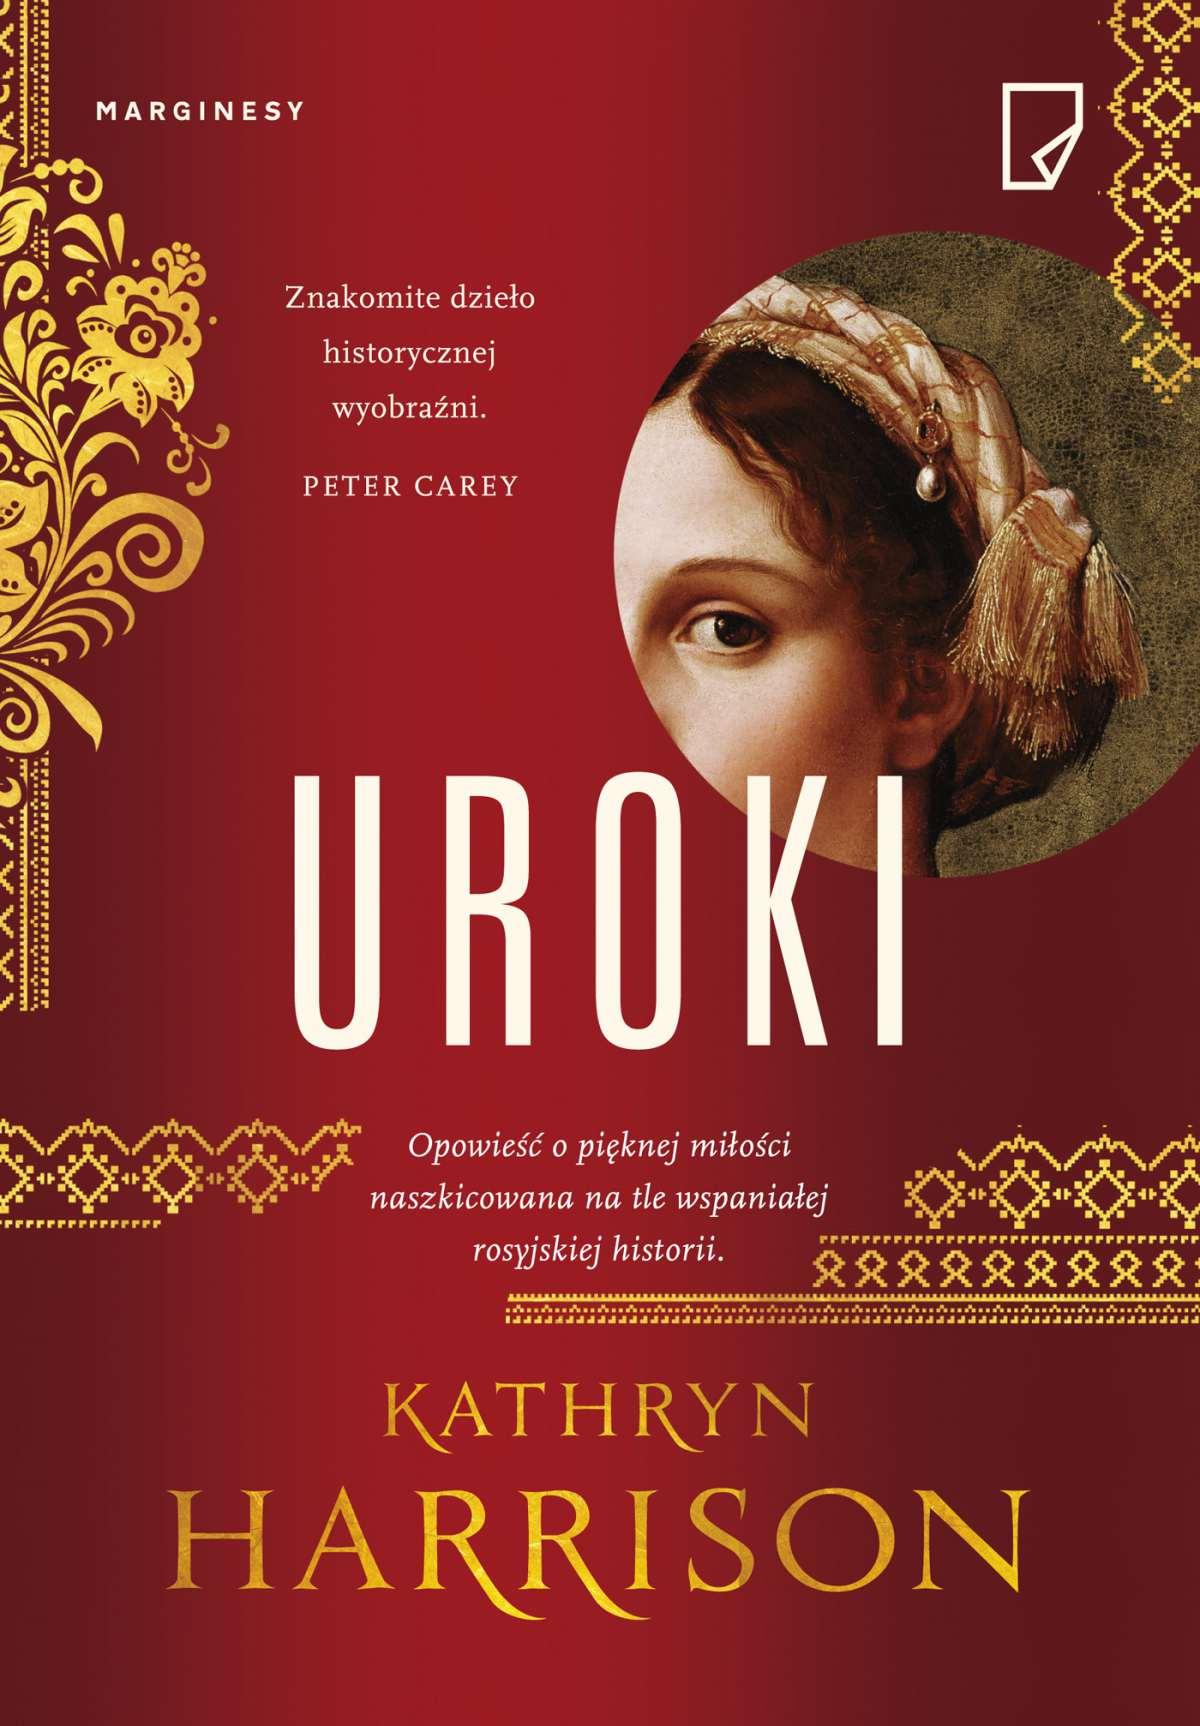 Uroki - Ebook (Książka na Kindle) do pobrania w formacie MOBI